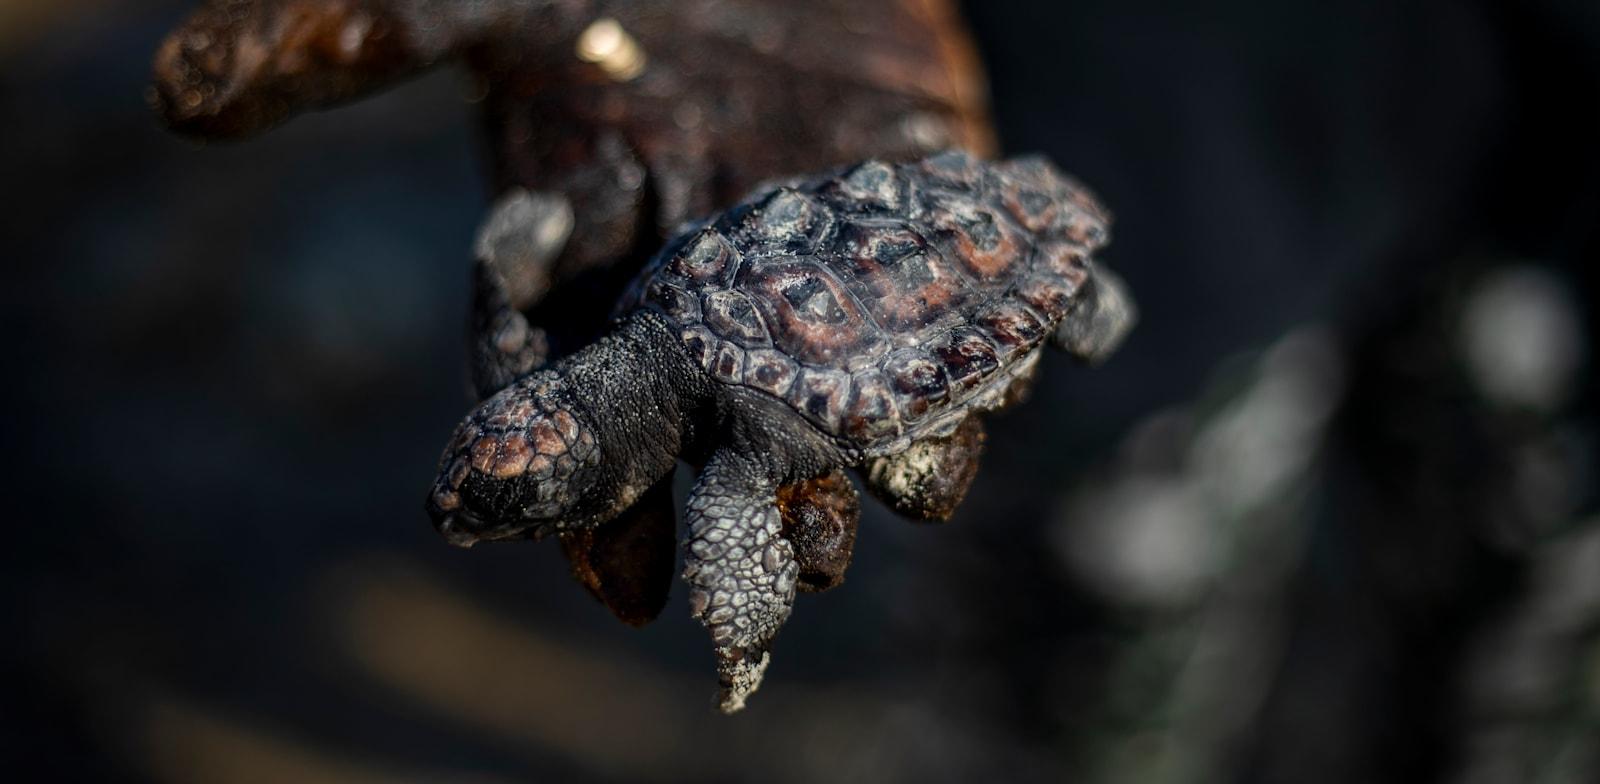 צב מת מכוסה בזפת בשמורת הטבע גדור / צילום: Associated Press, Ariel Schalit